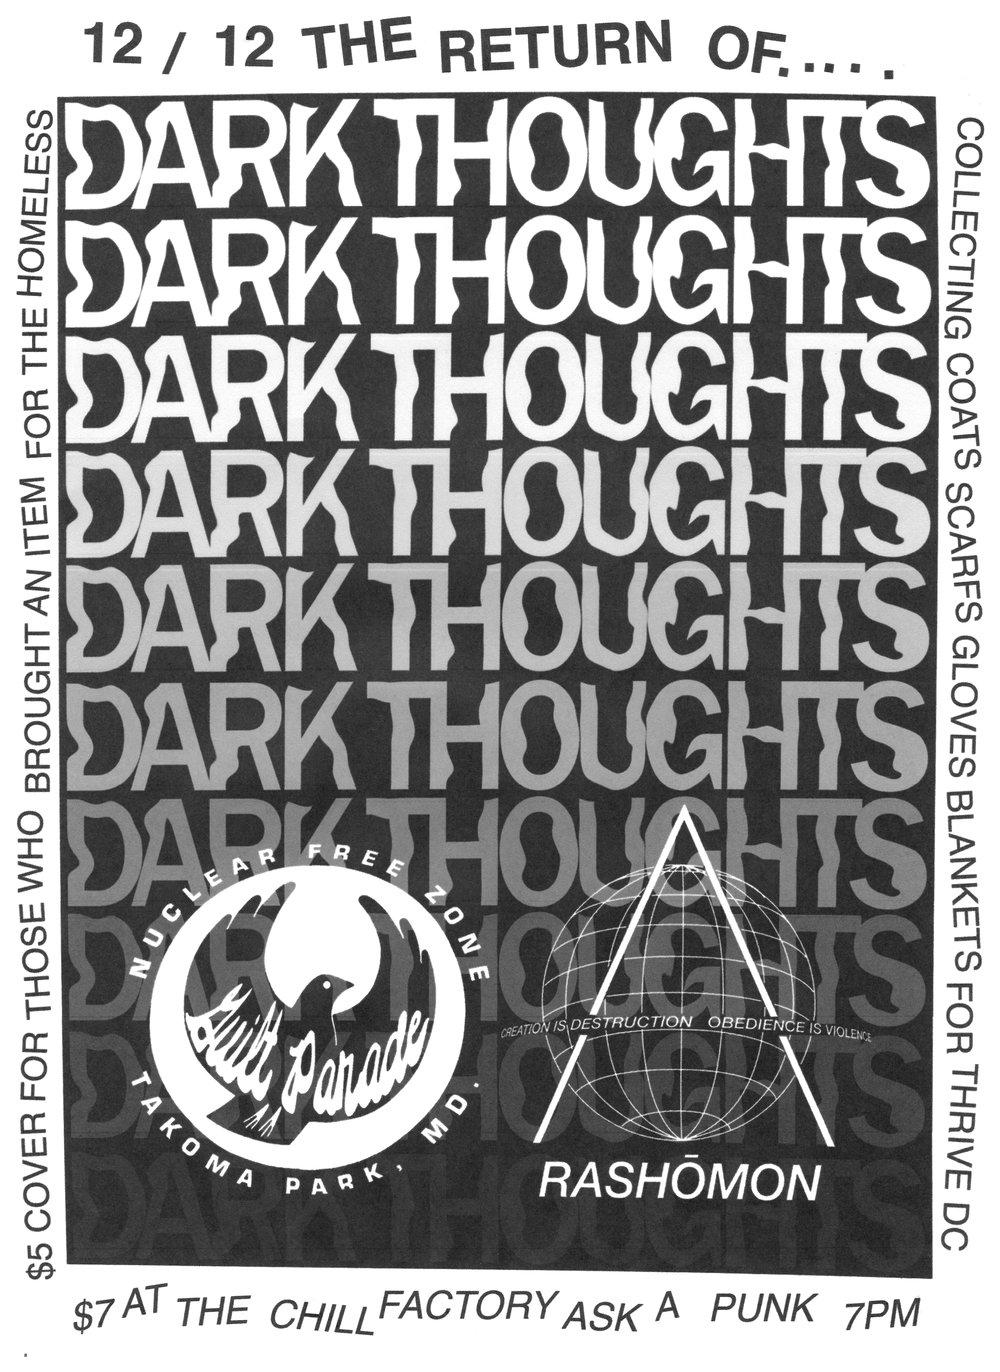 Dark_thoughts_3.jpg